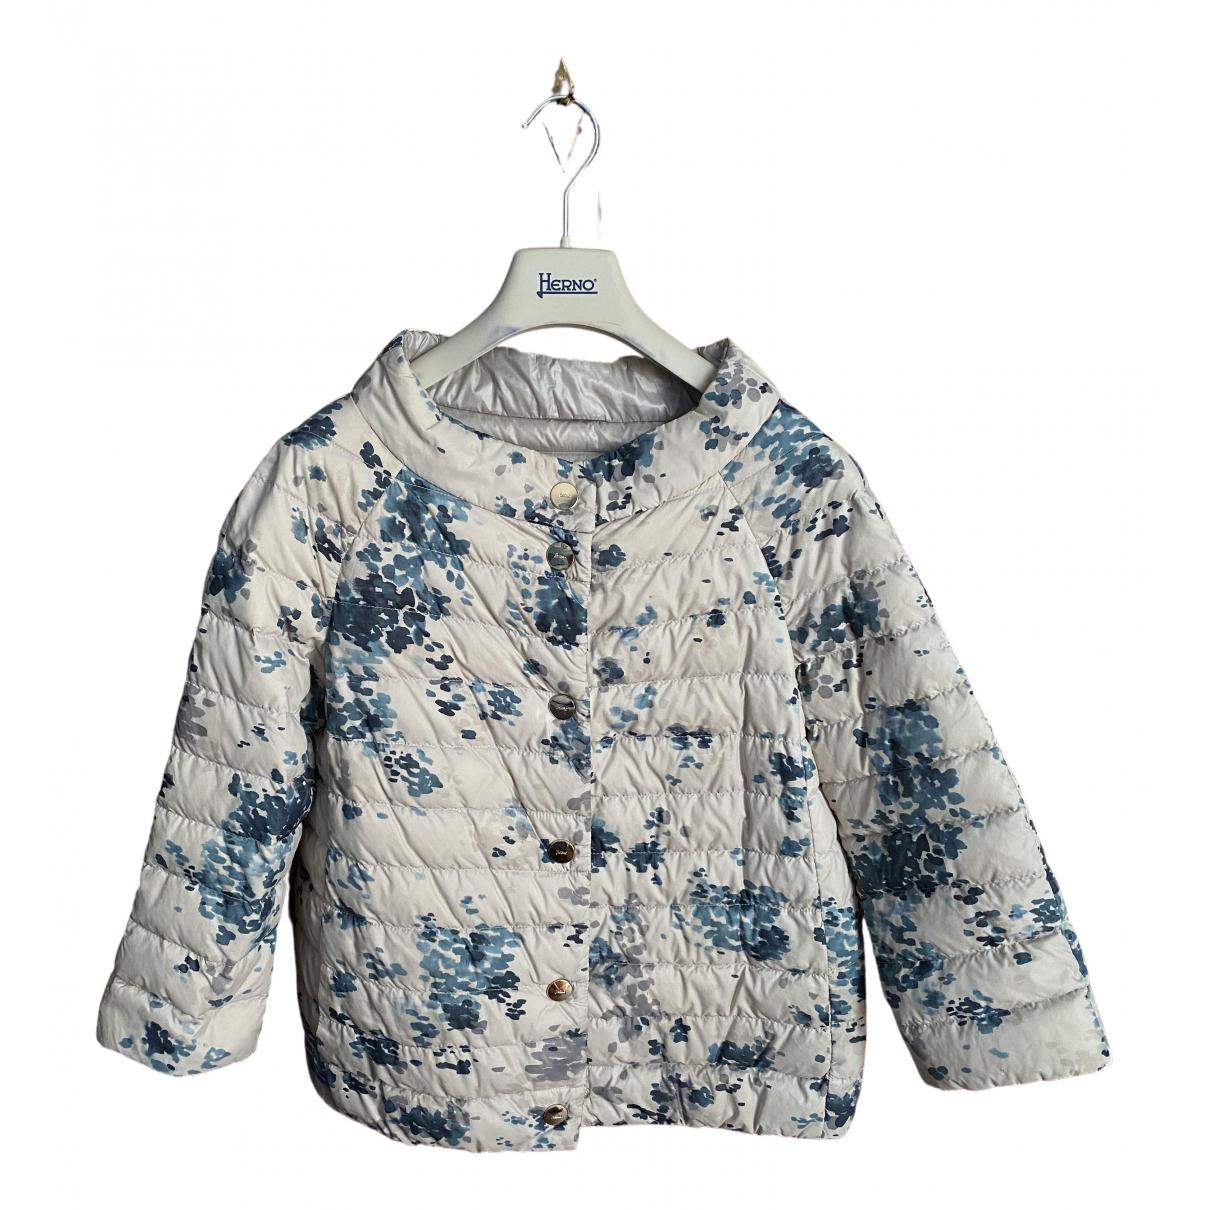 Herno - Manteau   pour femme - gris